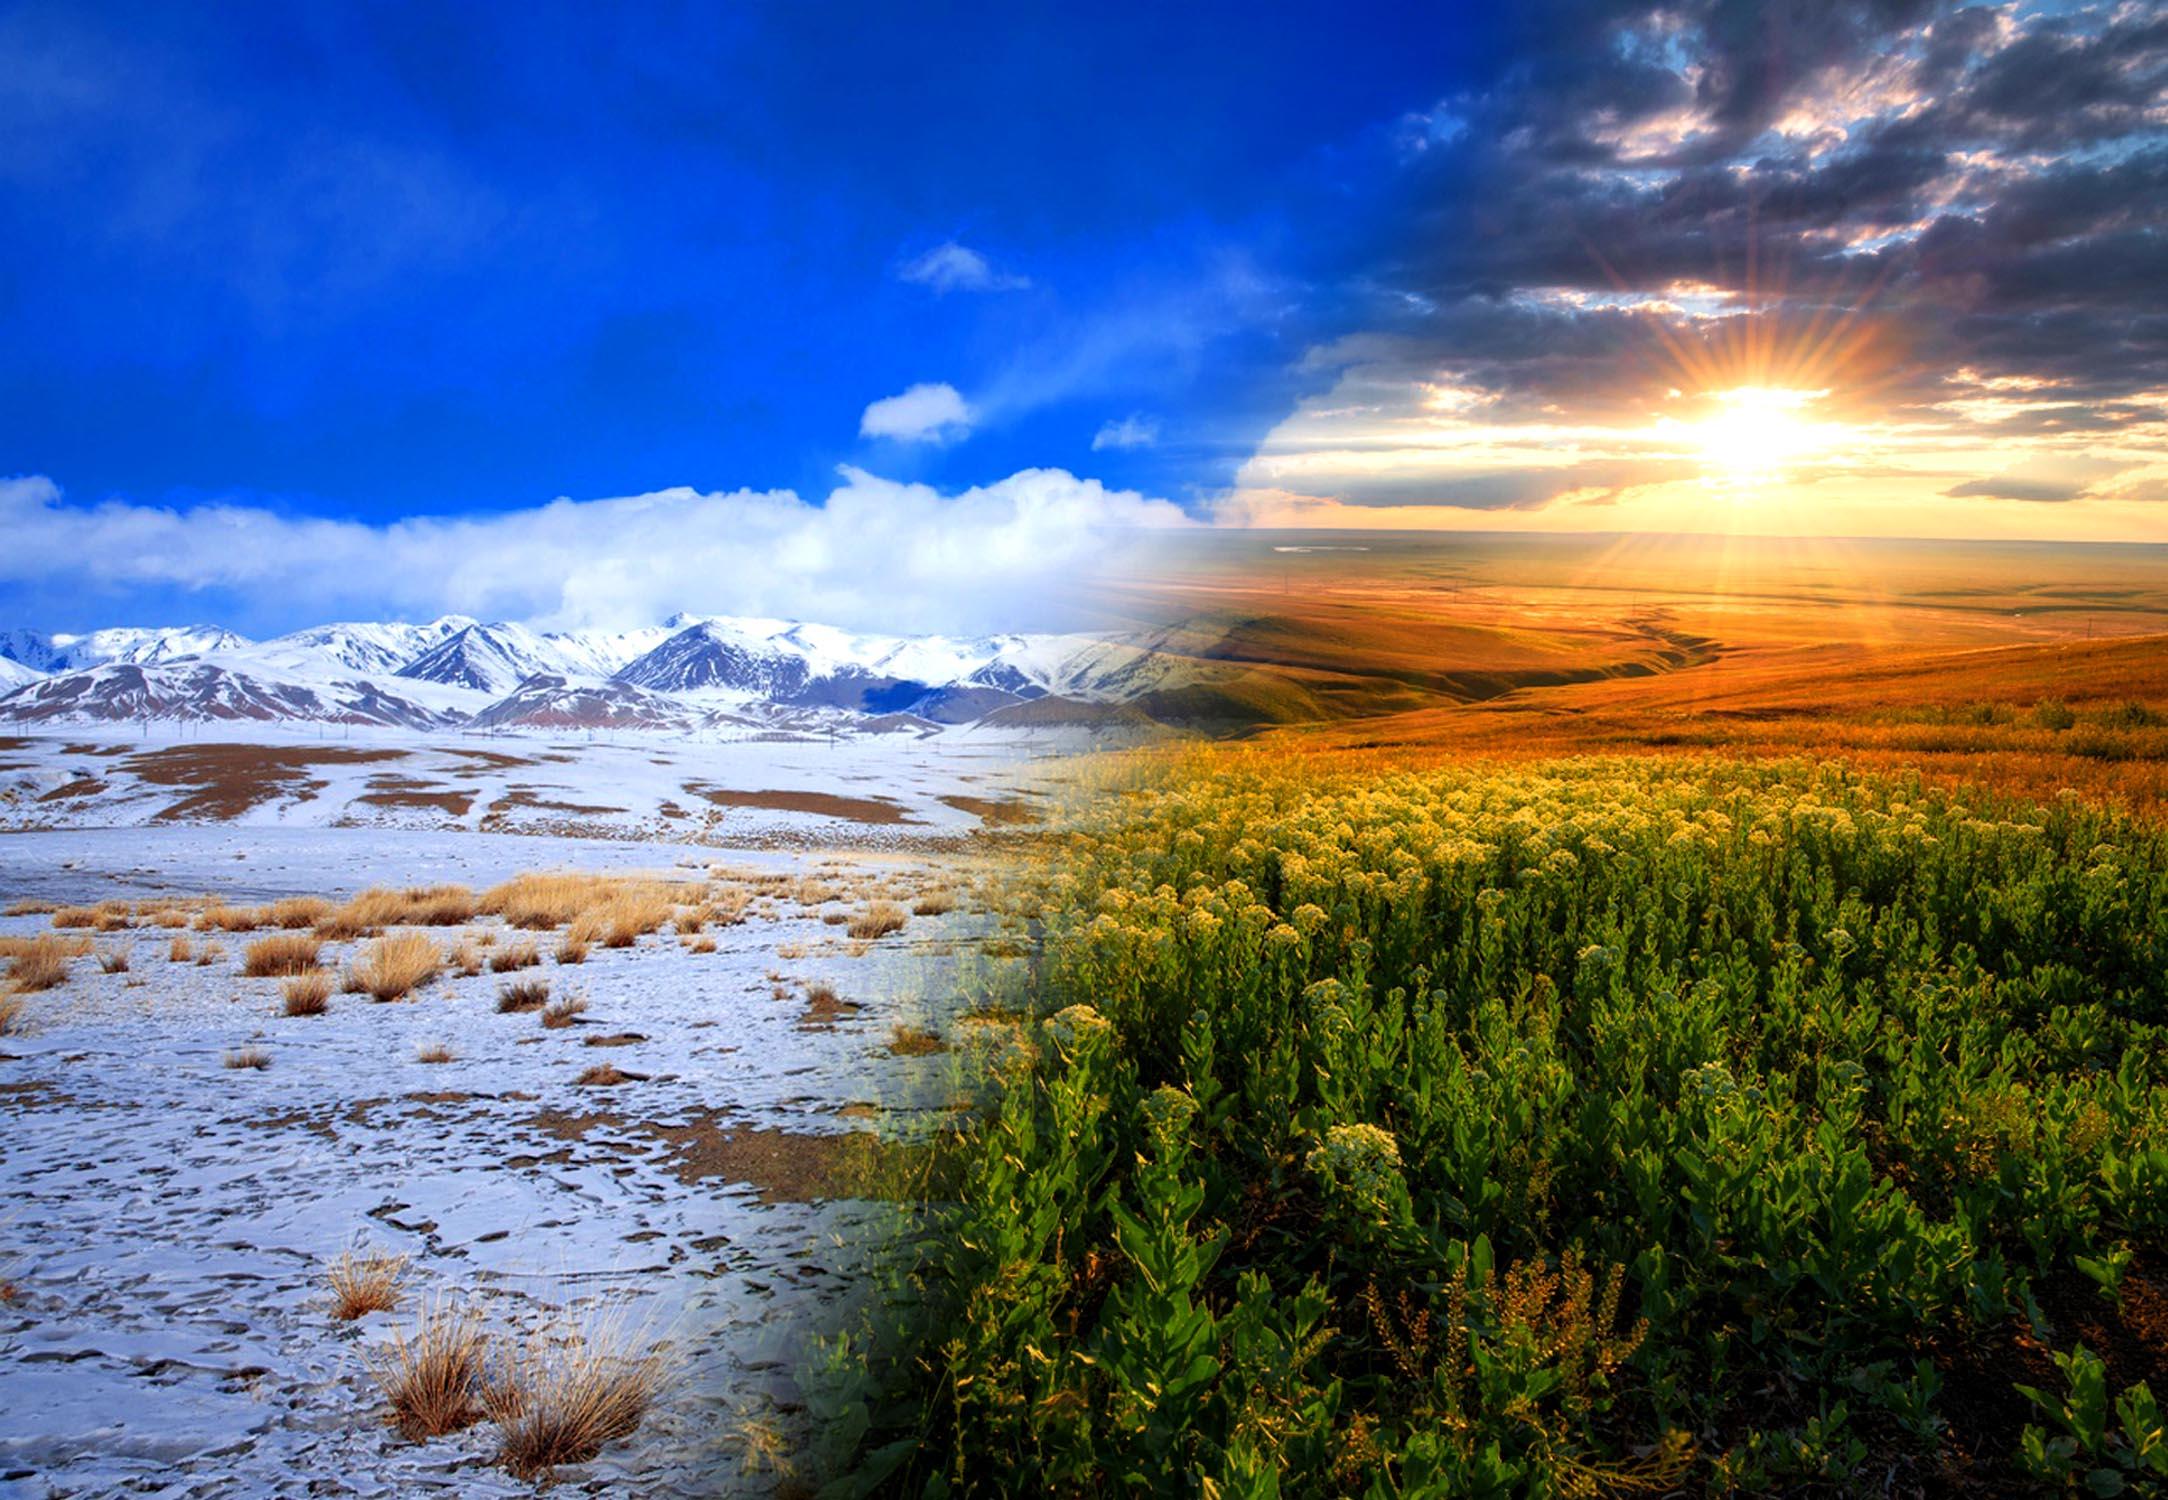 Природные зоны России: виды, названия, карта, климат, описание, почвы, характеристика, животные, растения, фото и видео